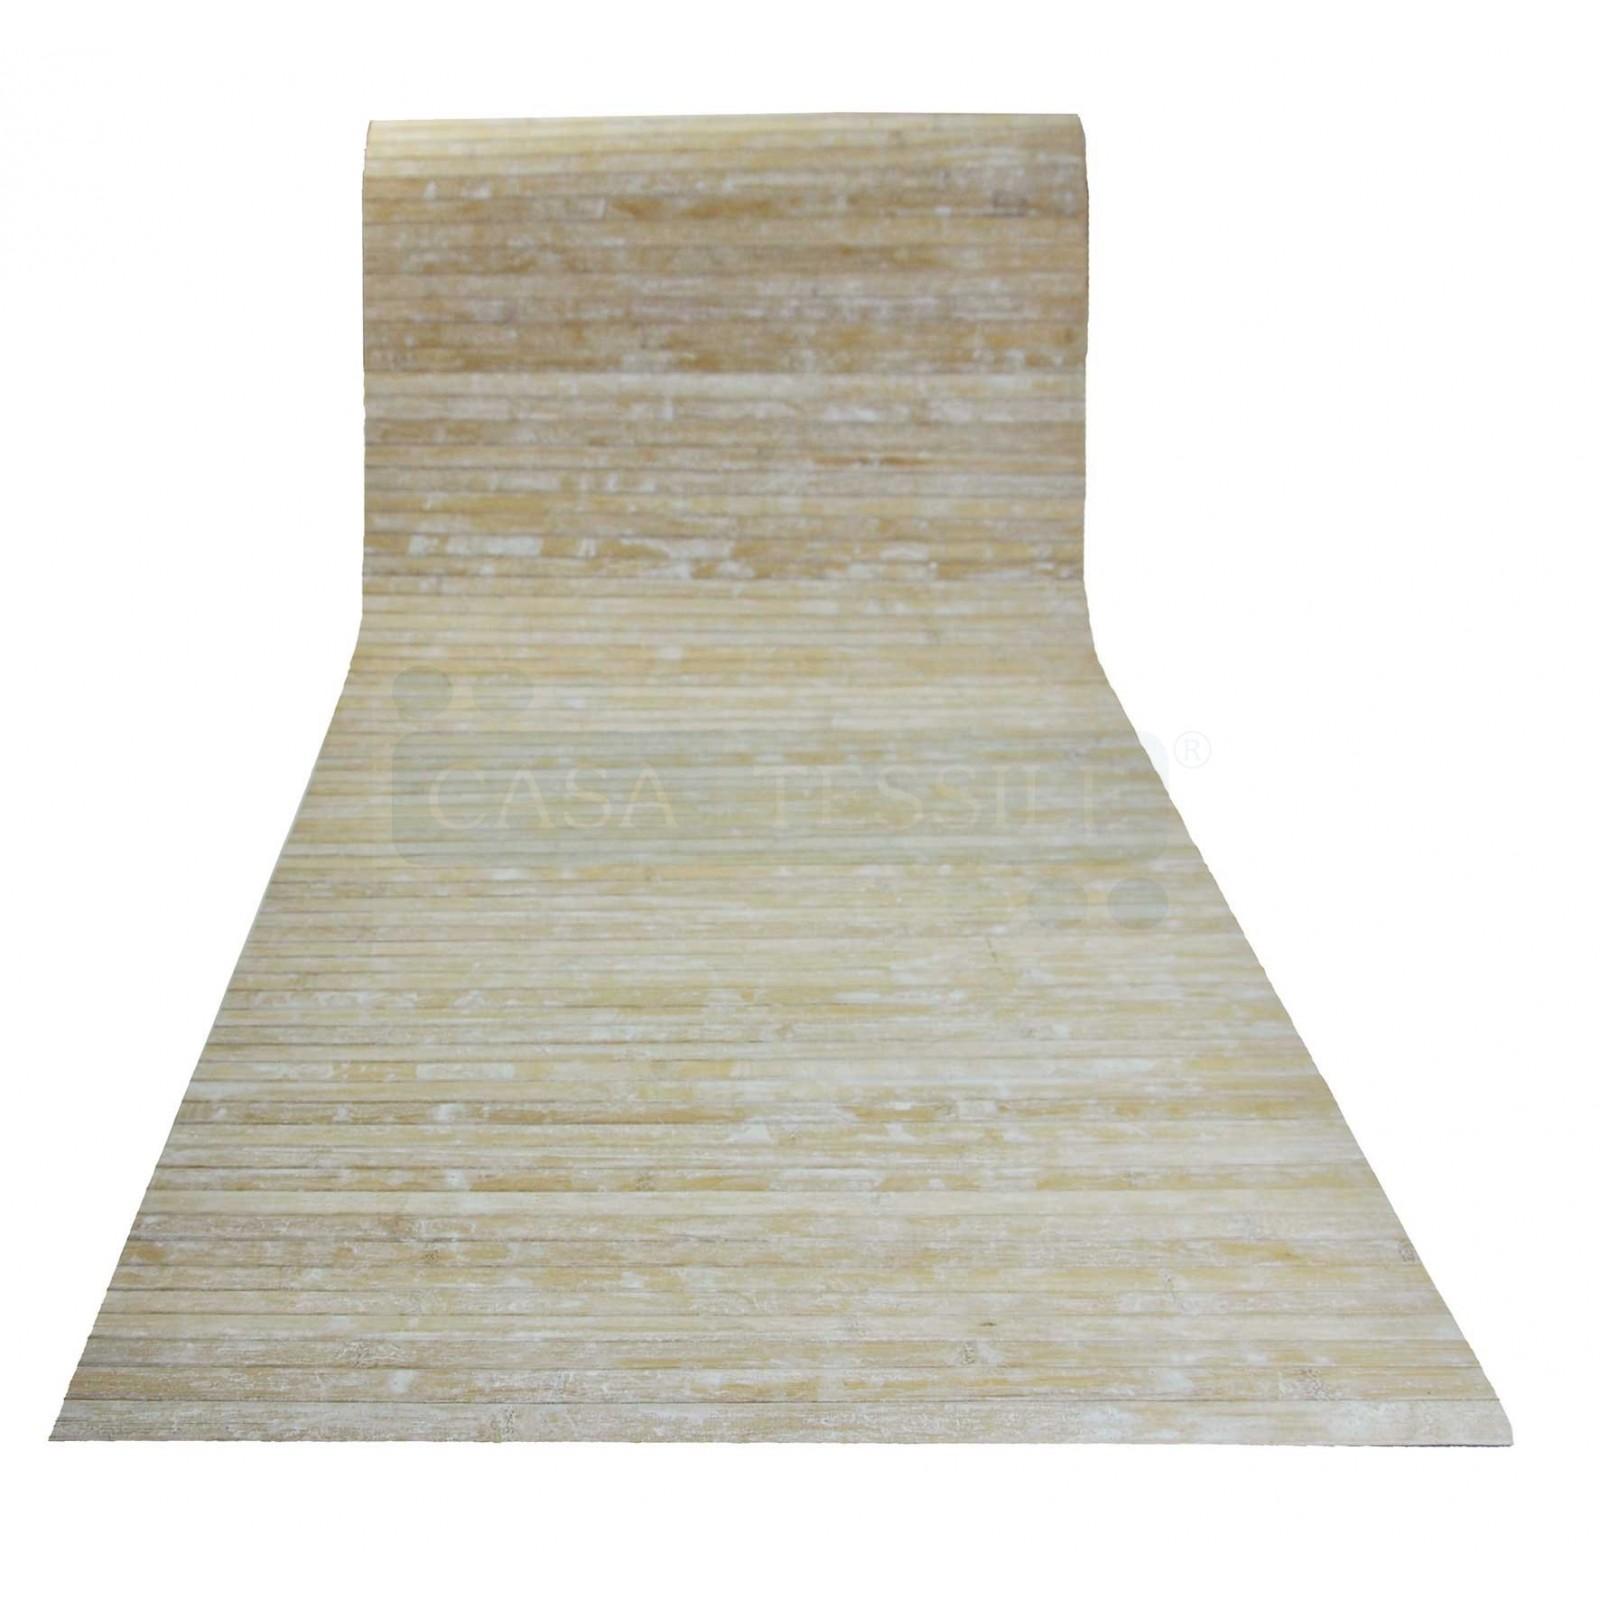 Tappeto-stuoia-bamboo-su-misura miniatura 8